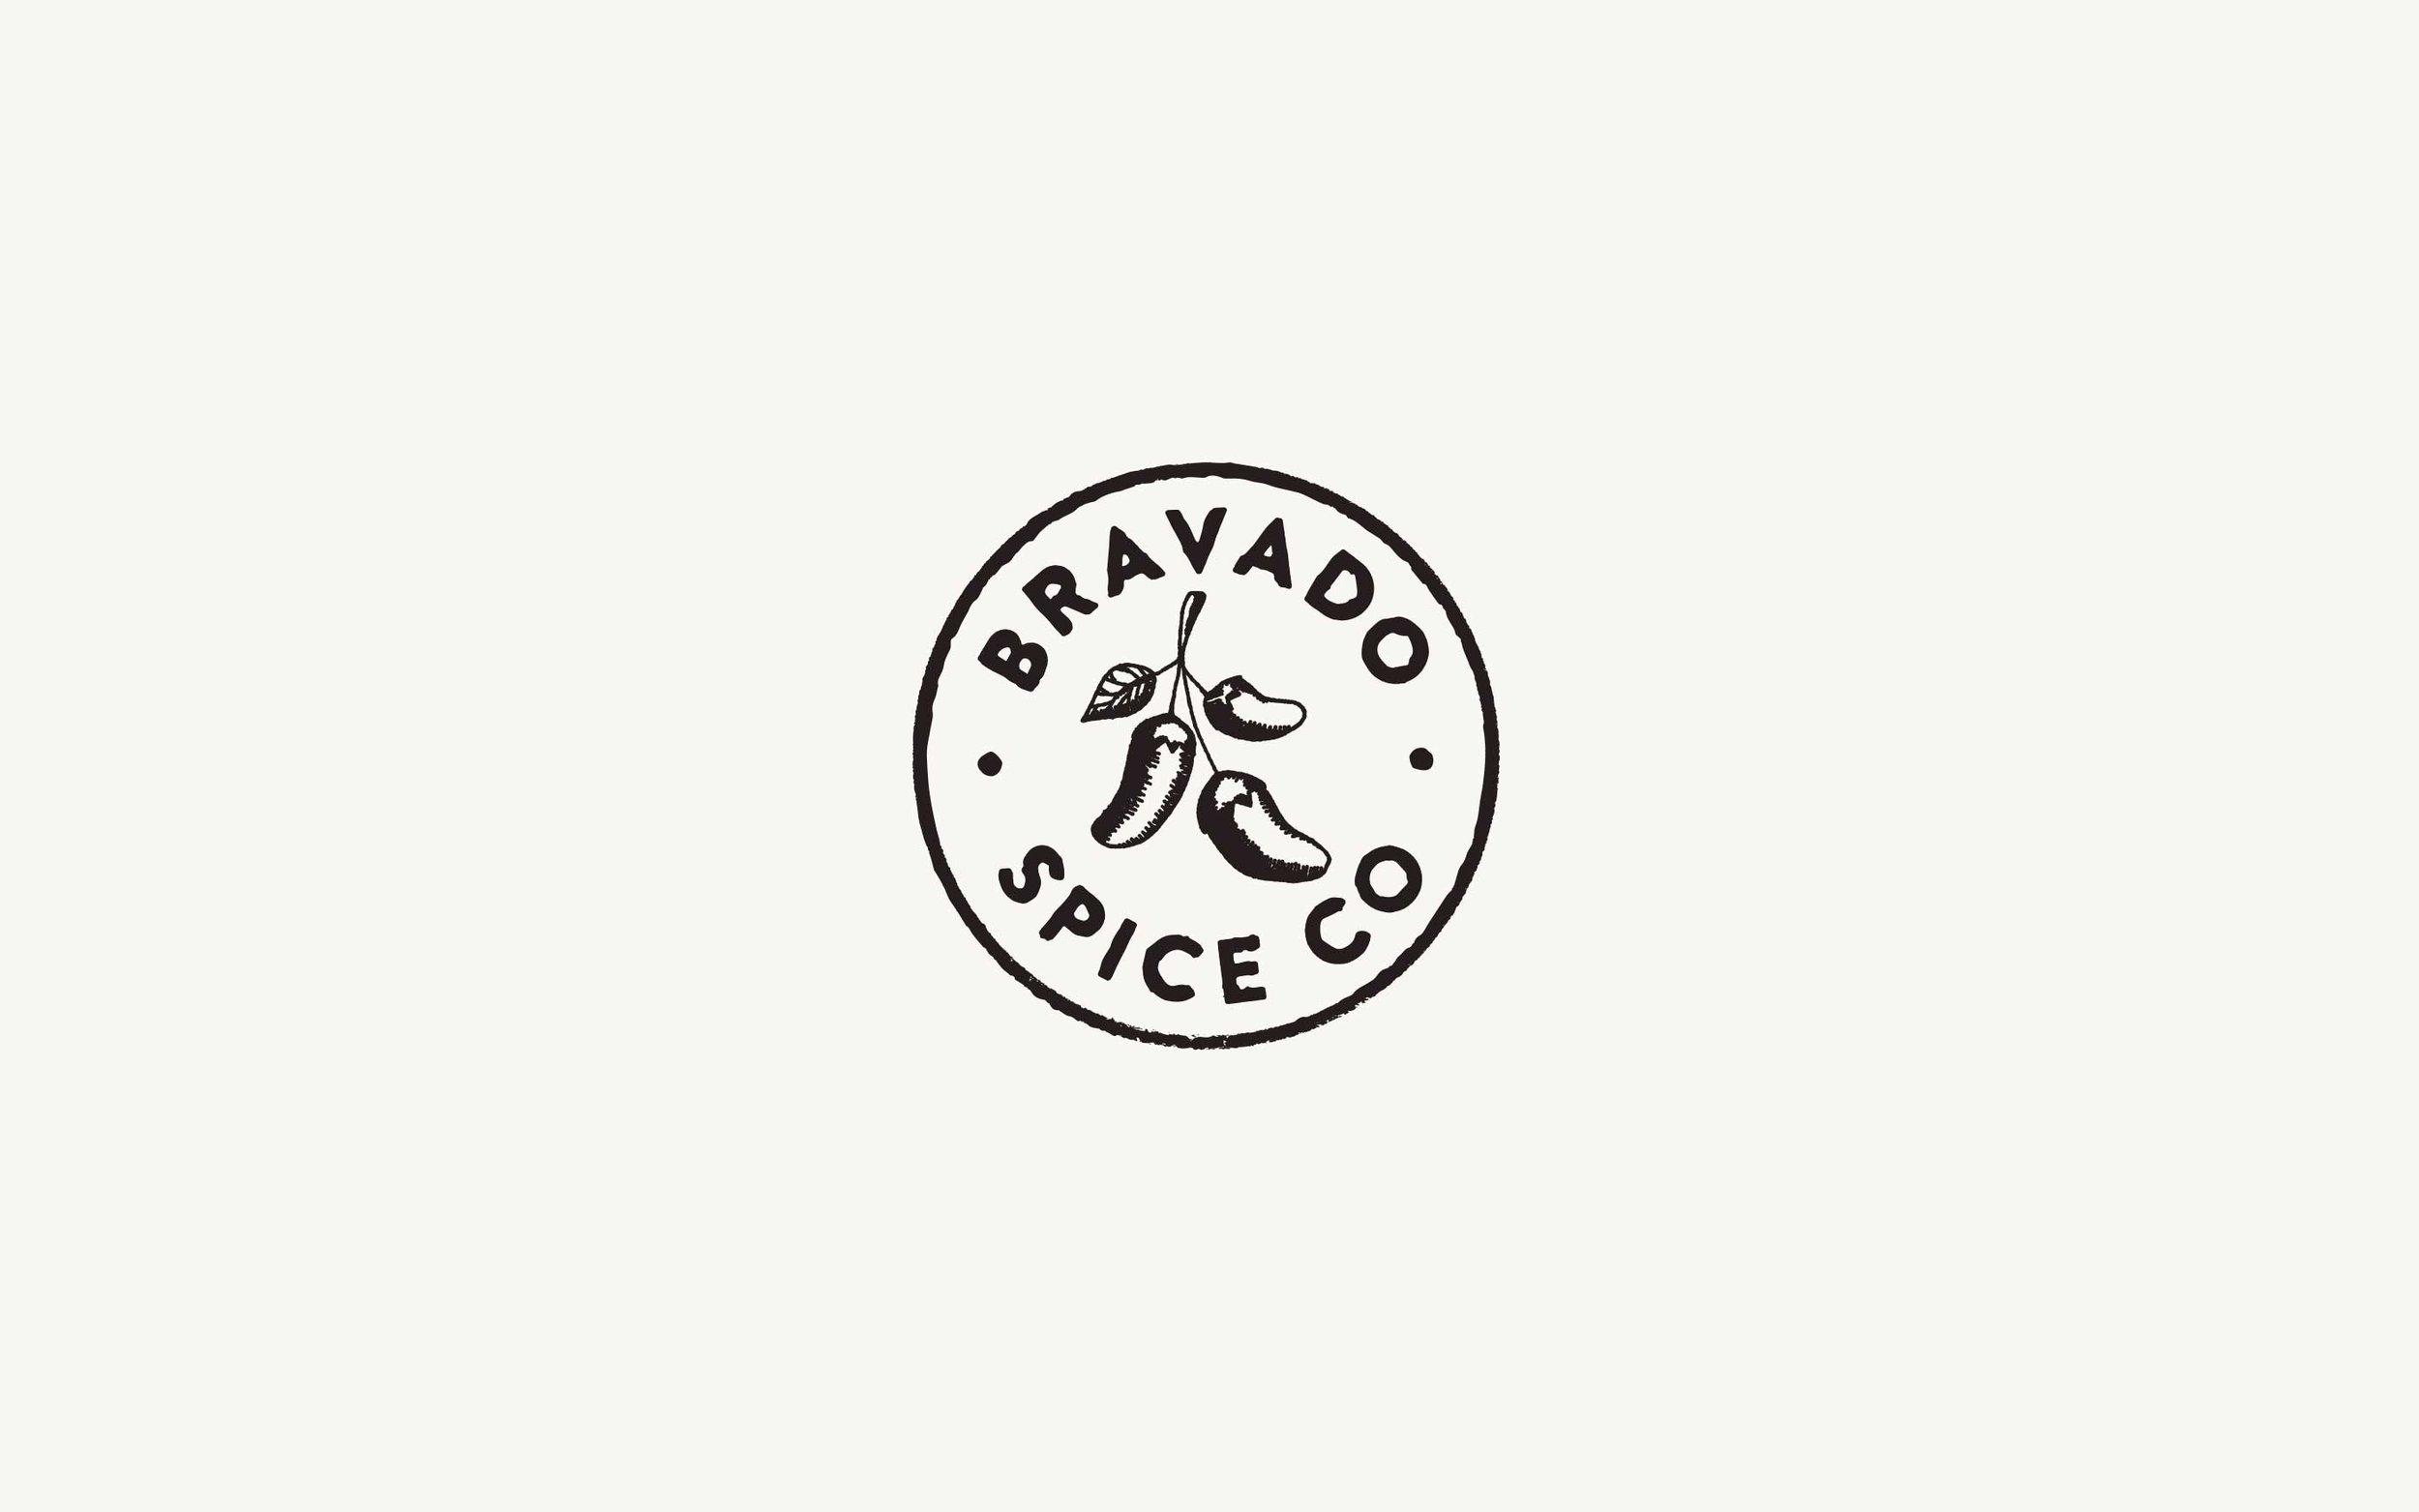 bravado-spice_logo-v2.jpg